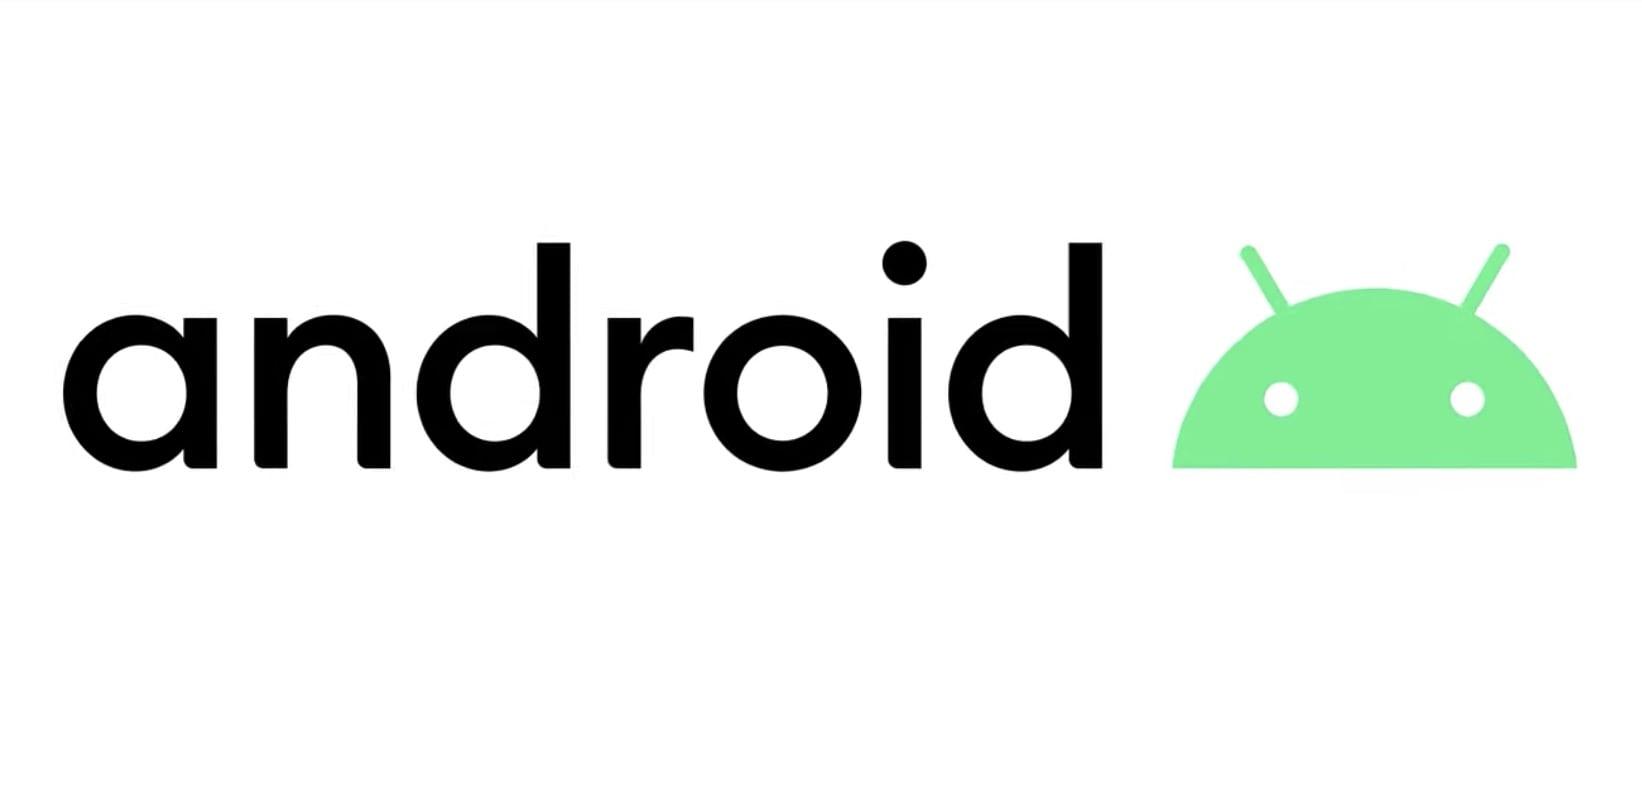 Android: Keine kreativen Namen mehr – dafür ein neues Logo